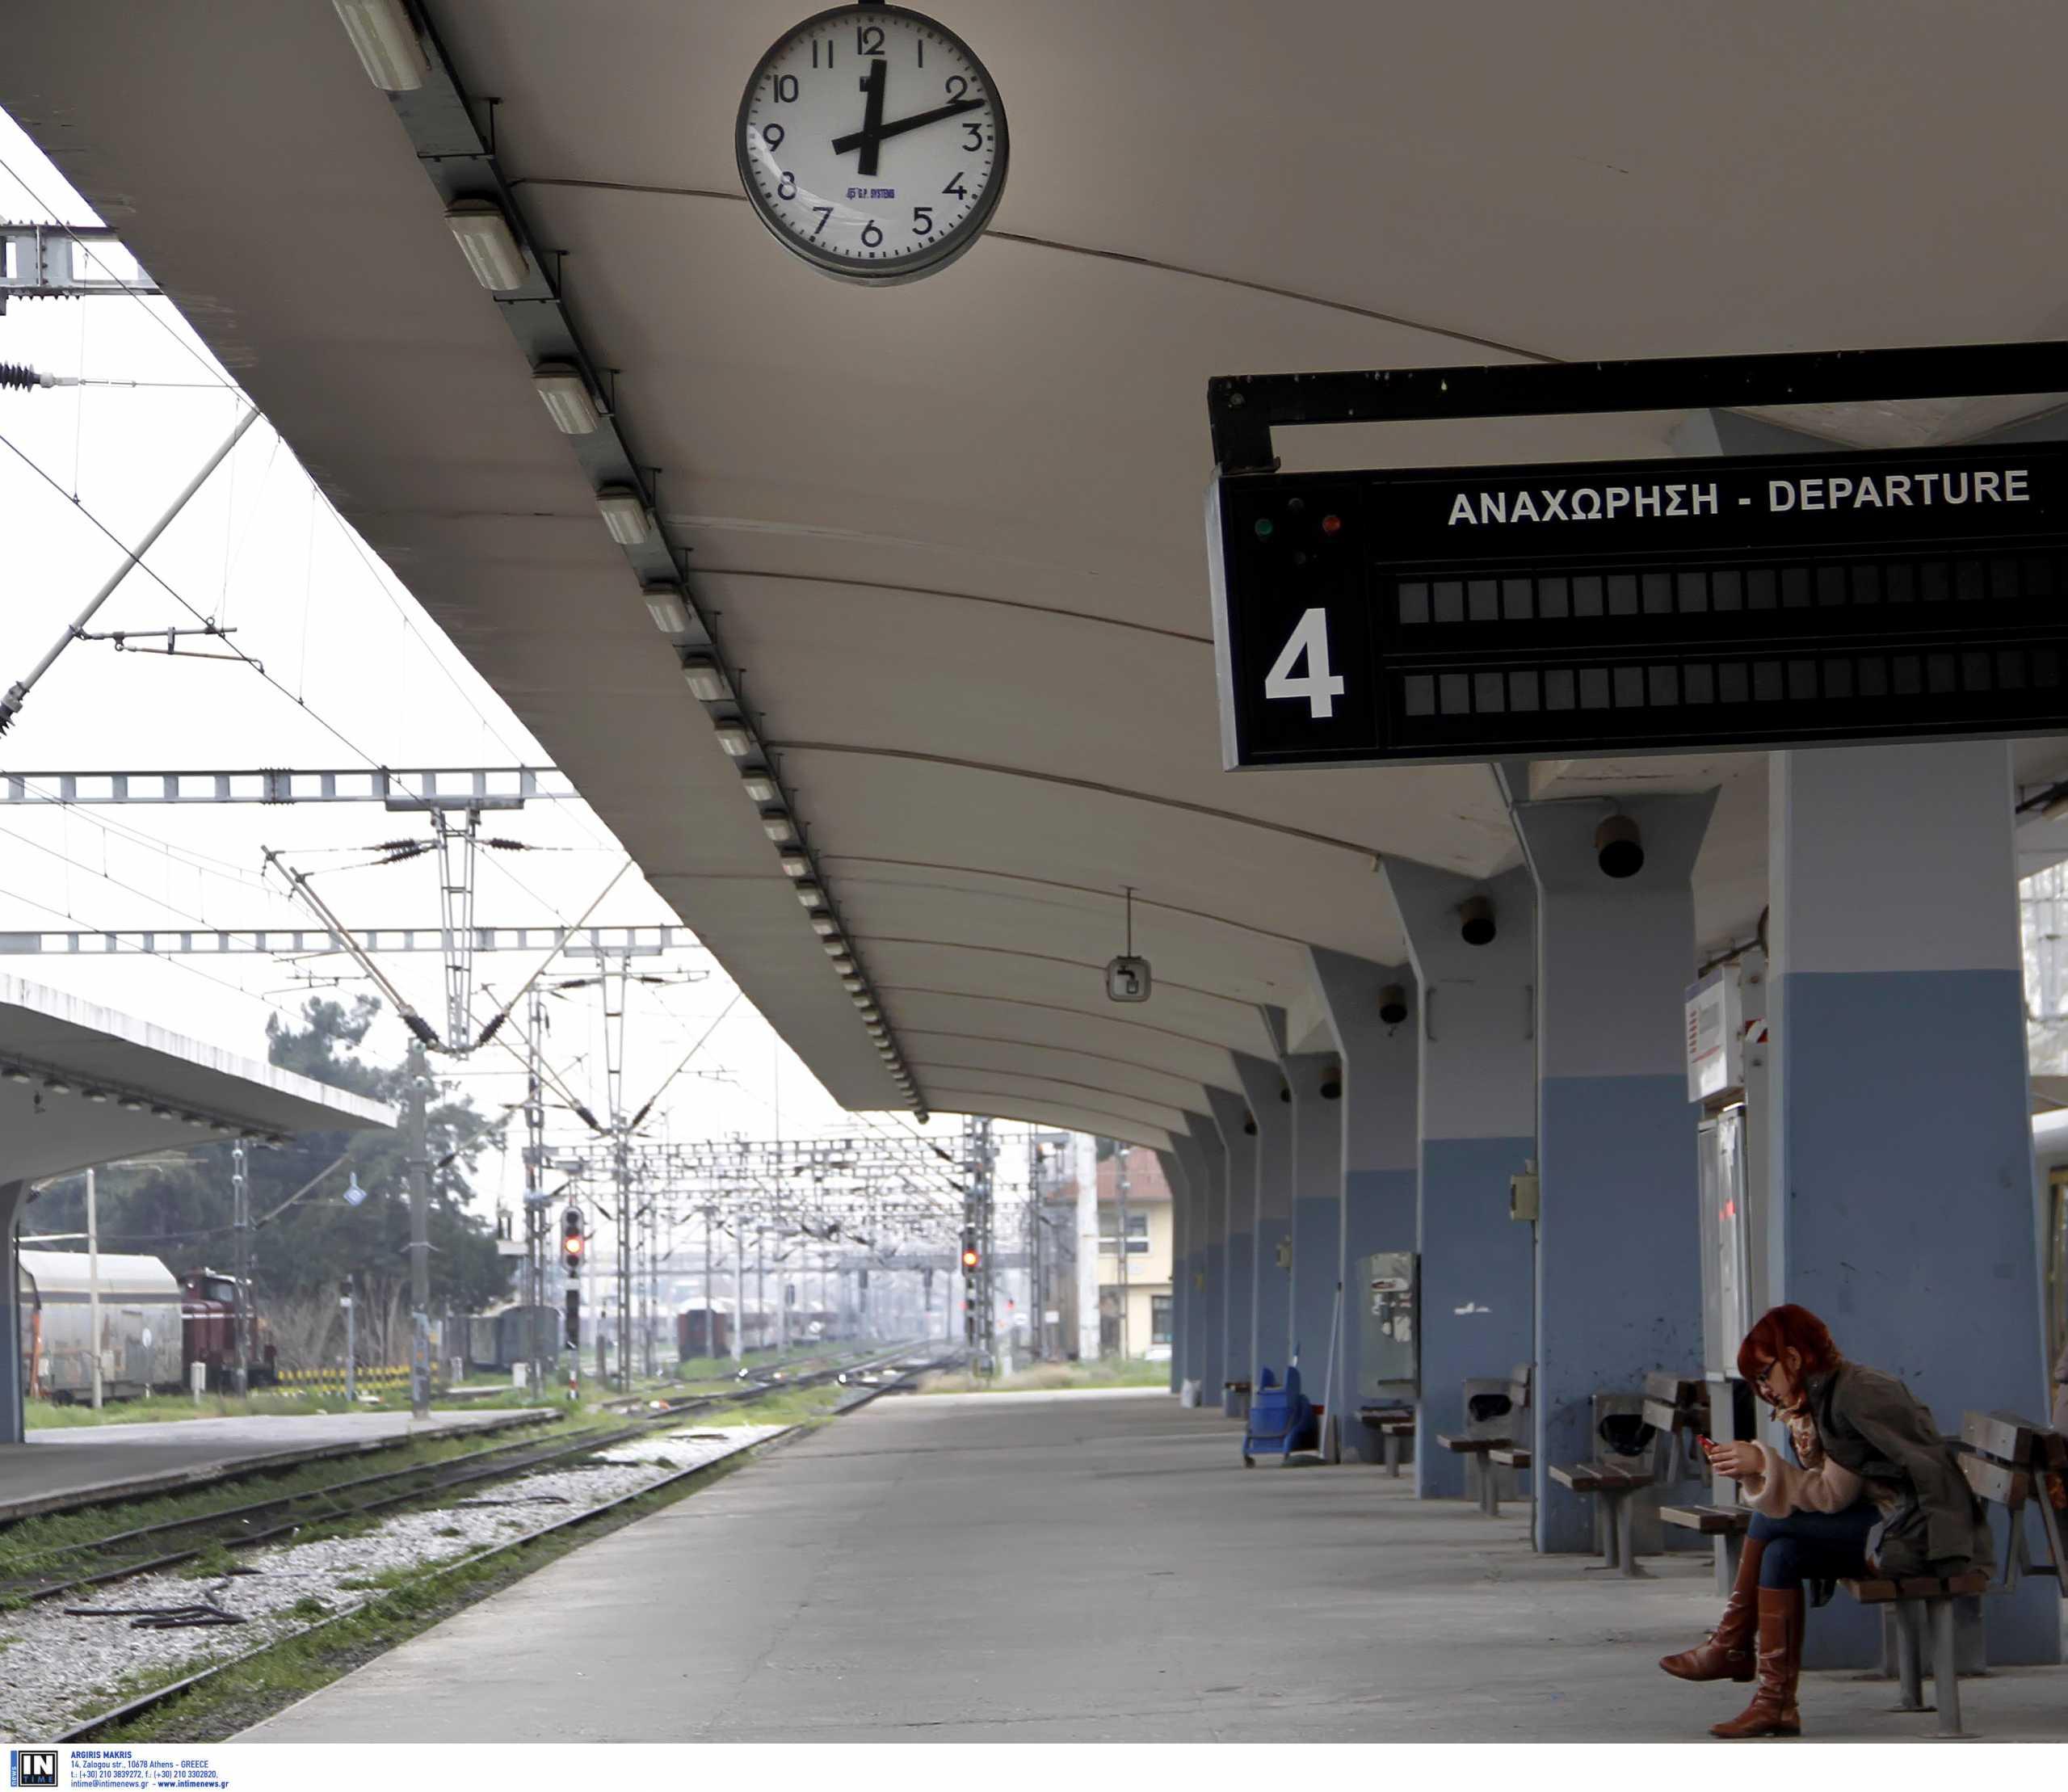 Αθήνα – Θεσσαλονίκη σε 3 ώρες και 15 λεπτά – Αναβαθμίζεται η σιδηροδρομική γραμμή